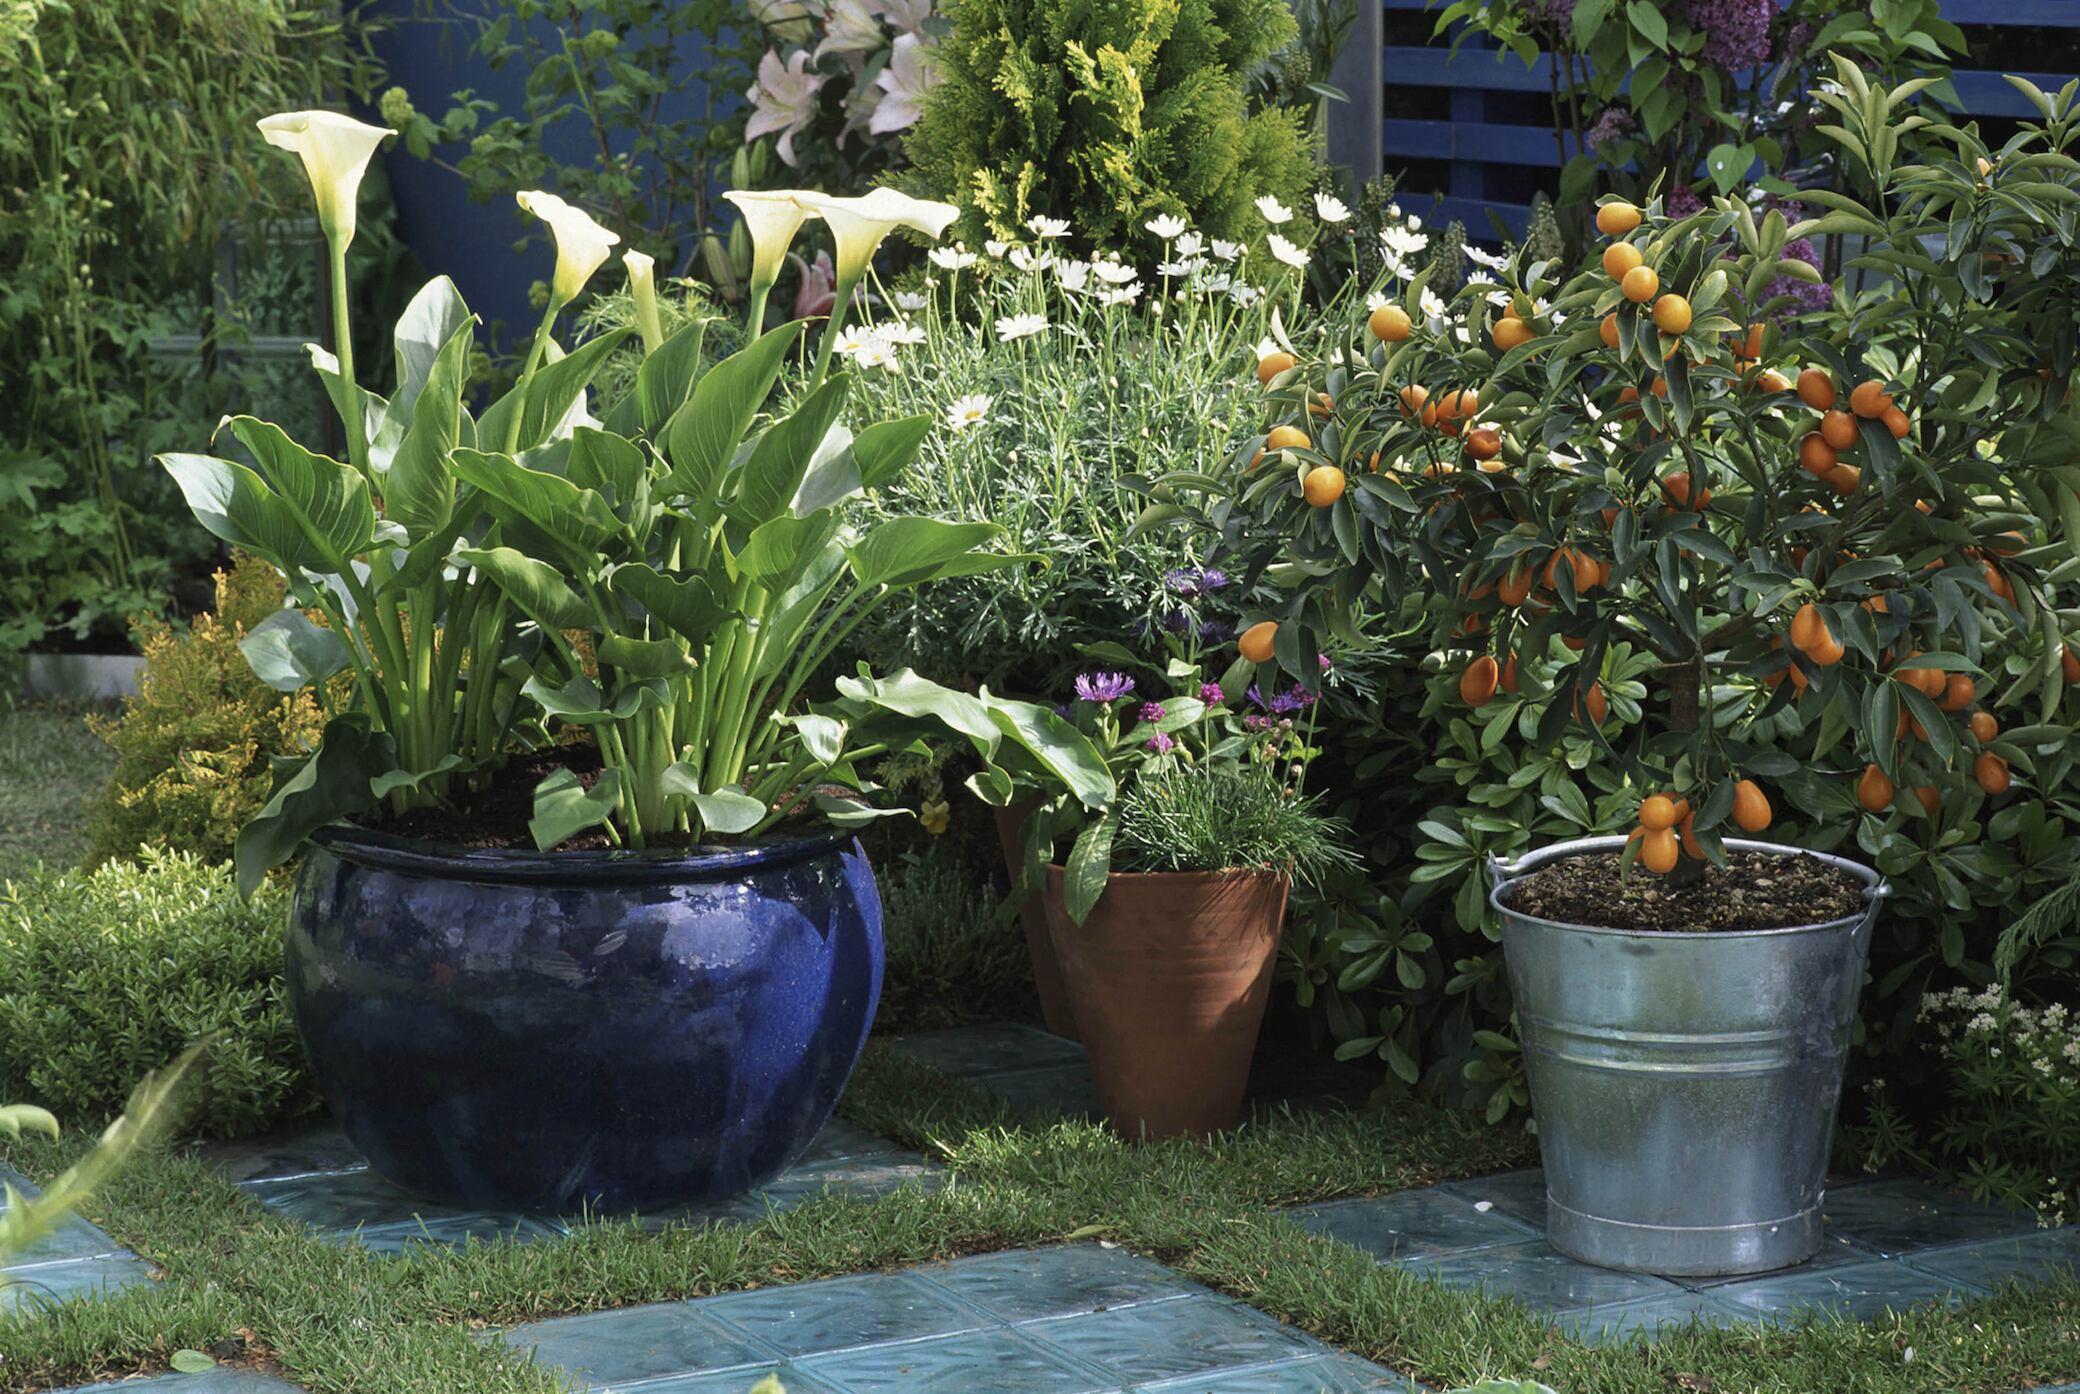 Wann Sie Kübelpflanzen aus dem Garten ins Haus holen sollten